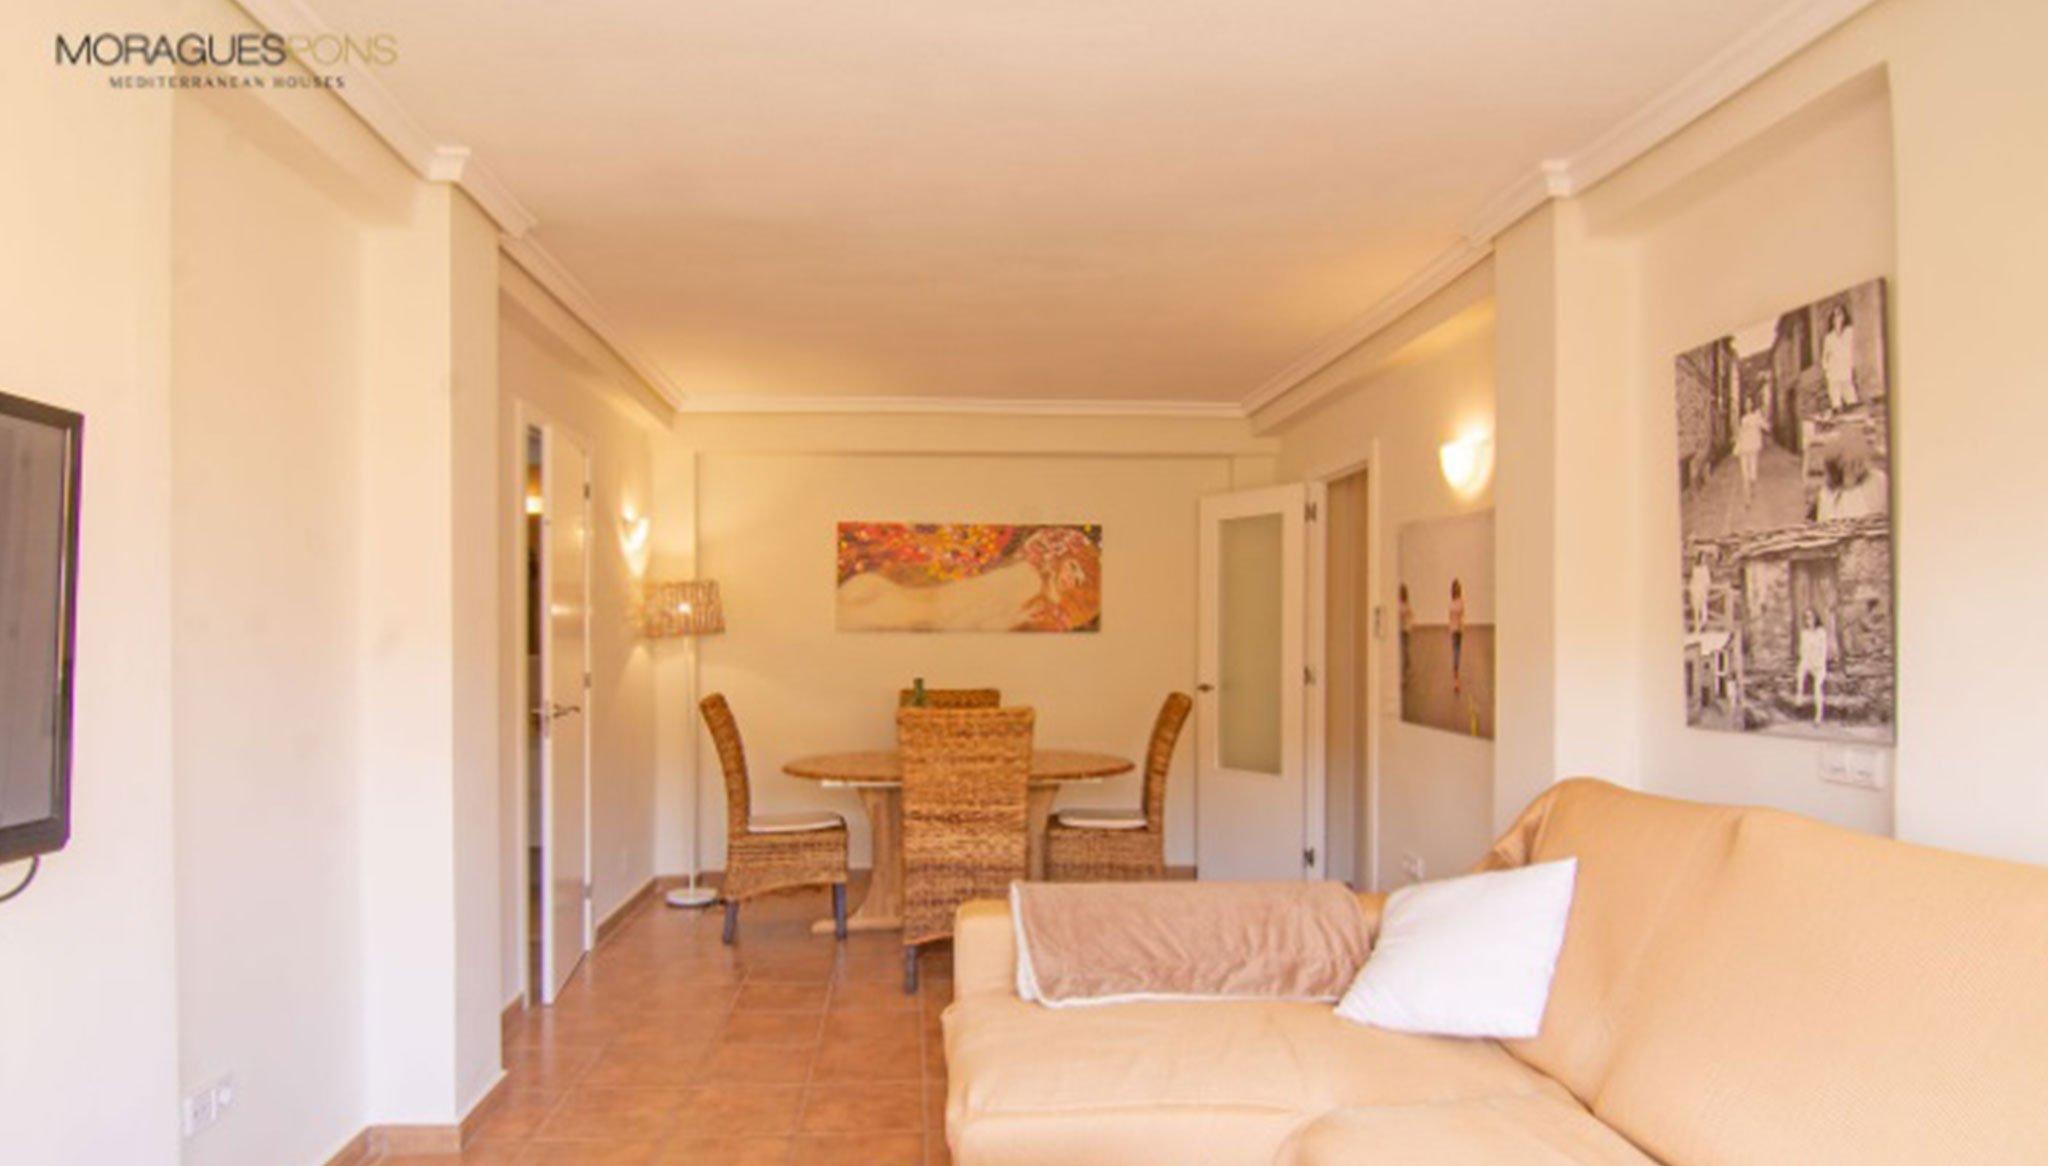 Salón-comedor de un apartamento en venta en la zona del Arenal en Jávea – MORAGUESPONS Mediterranean Houses